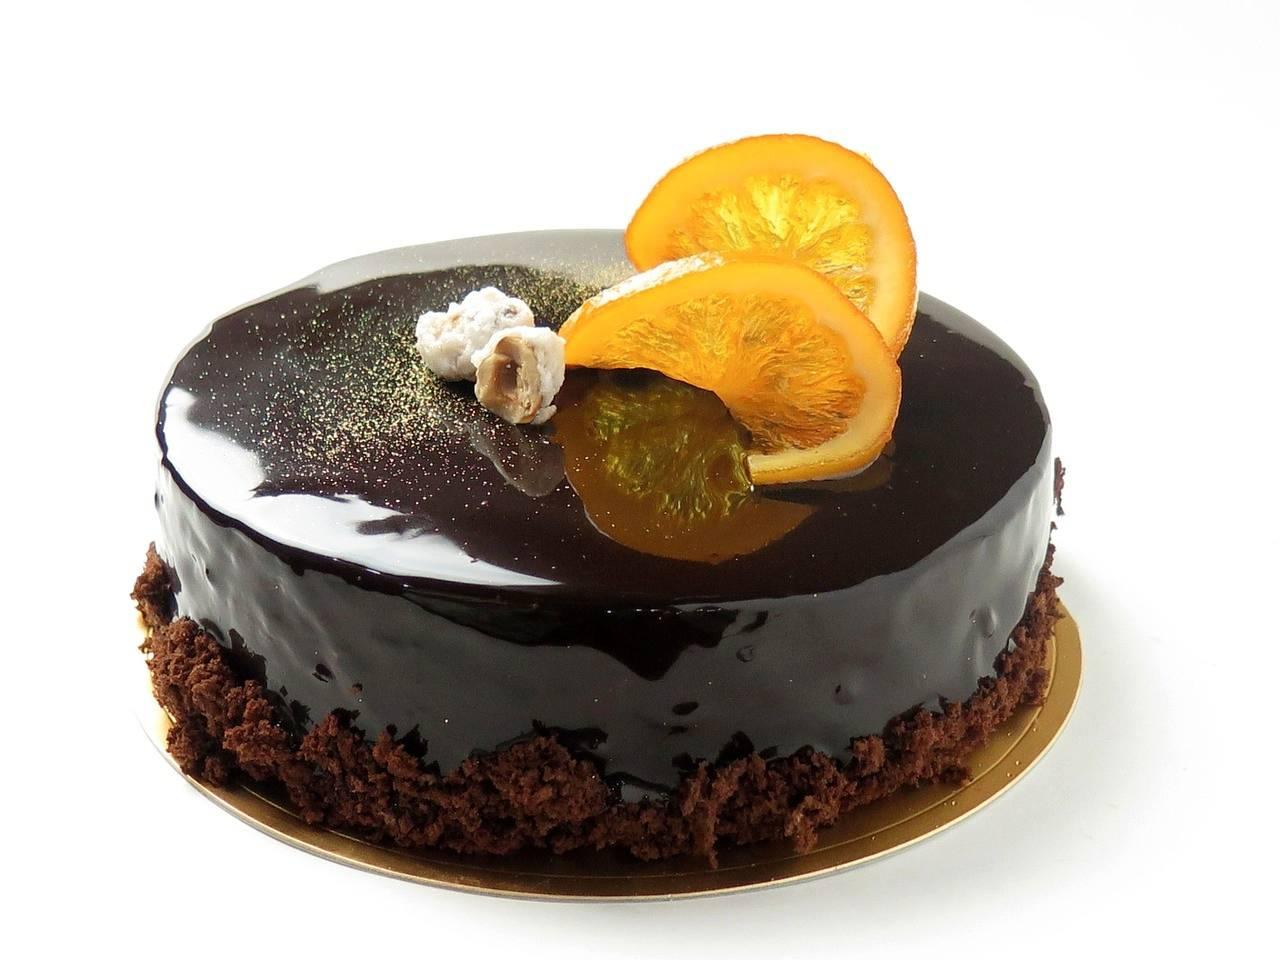 Cómo elegir un buen chocolate negro